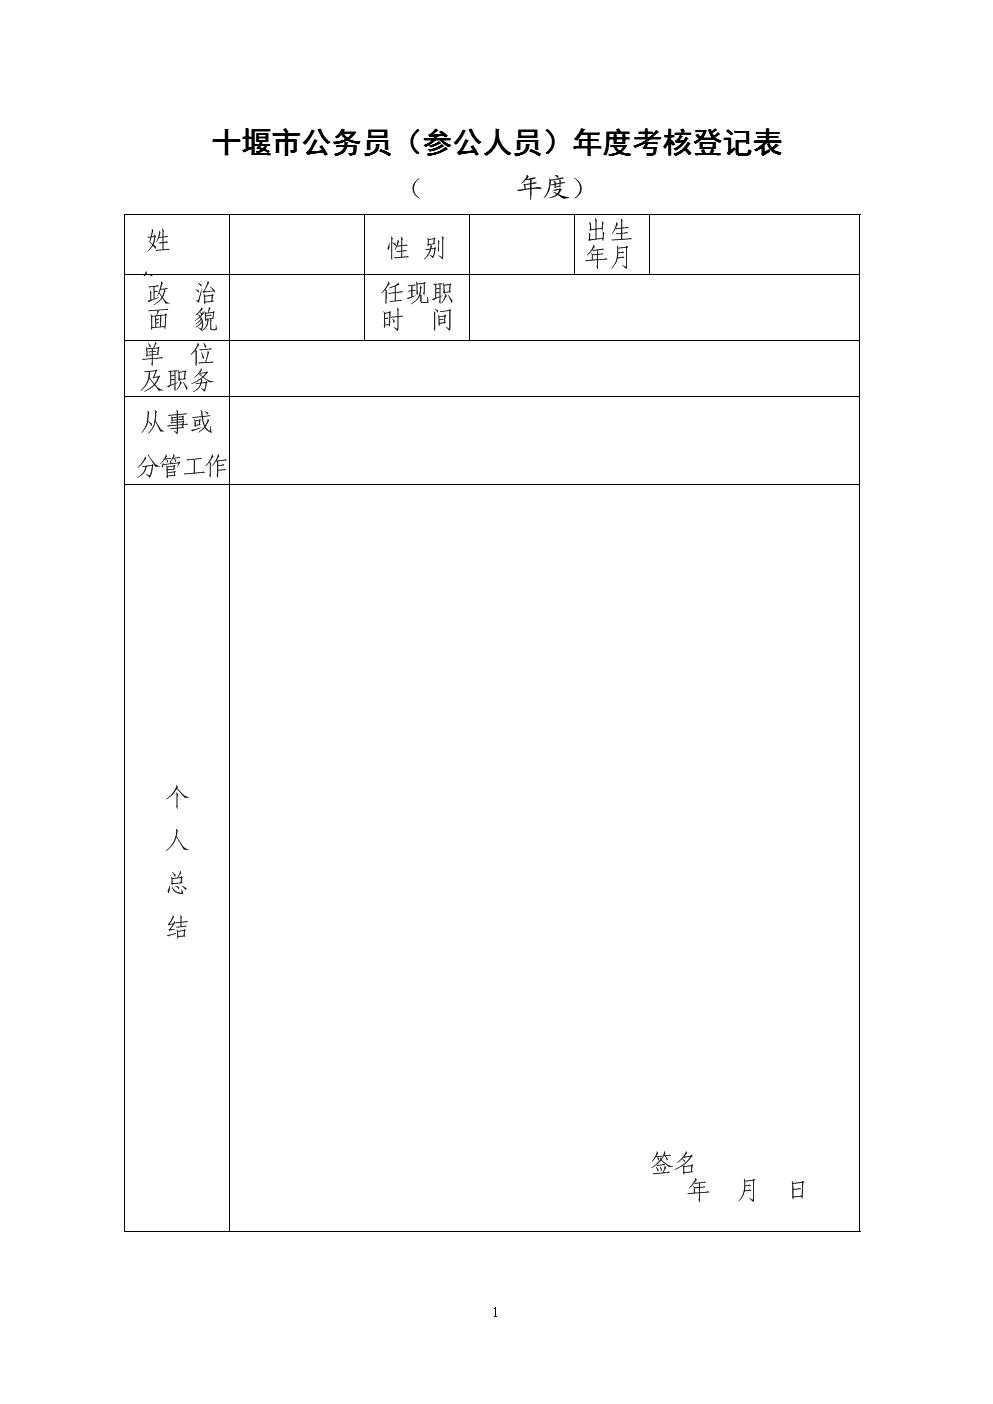 十堰公务员参公人员考核登记表.doc